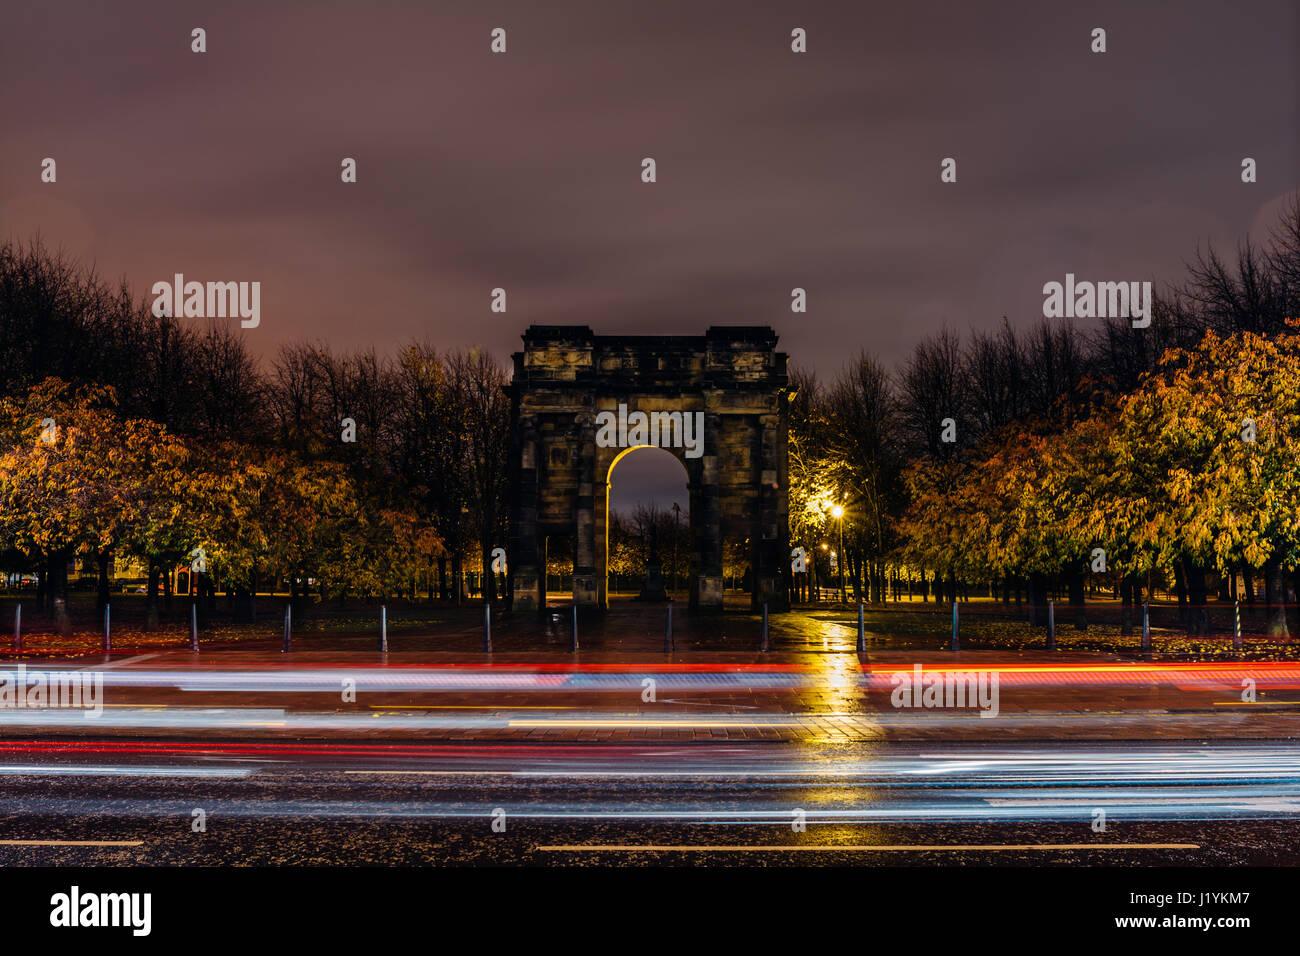 La McLennan Arch, Glasgow Green di notte. Foto Stock